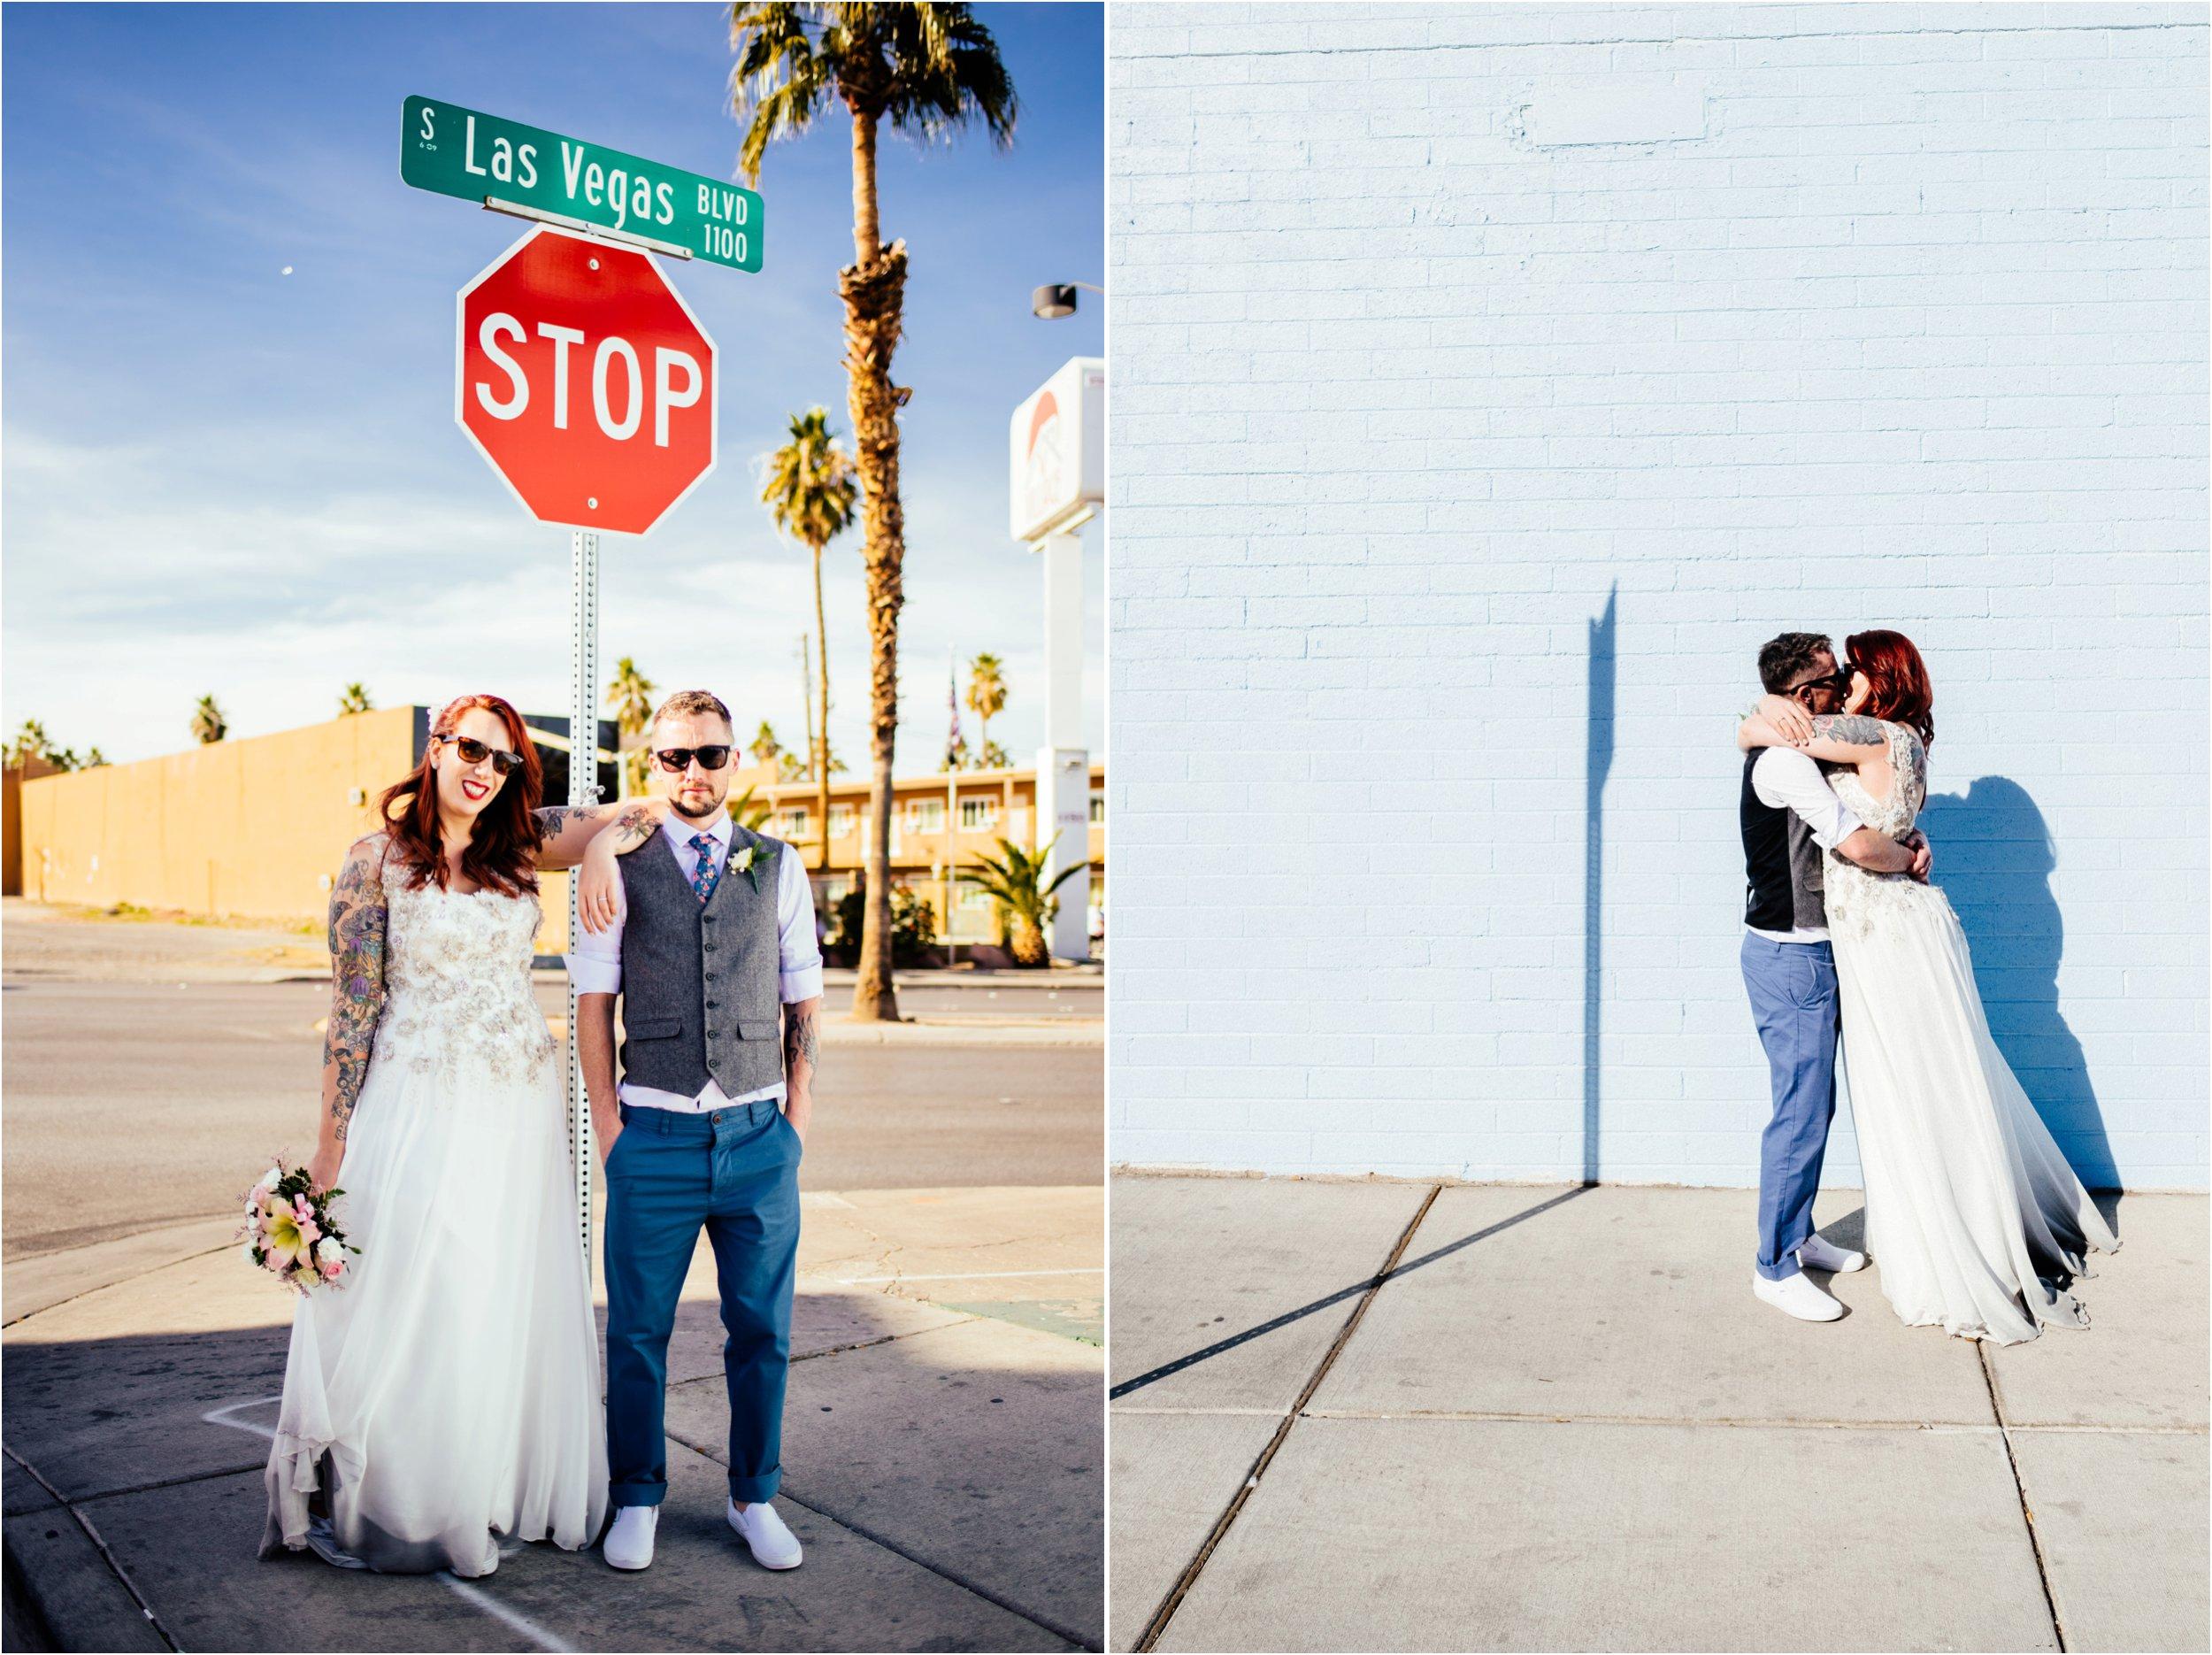 Vegas elopement destination wedding photographer_0120.jpg